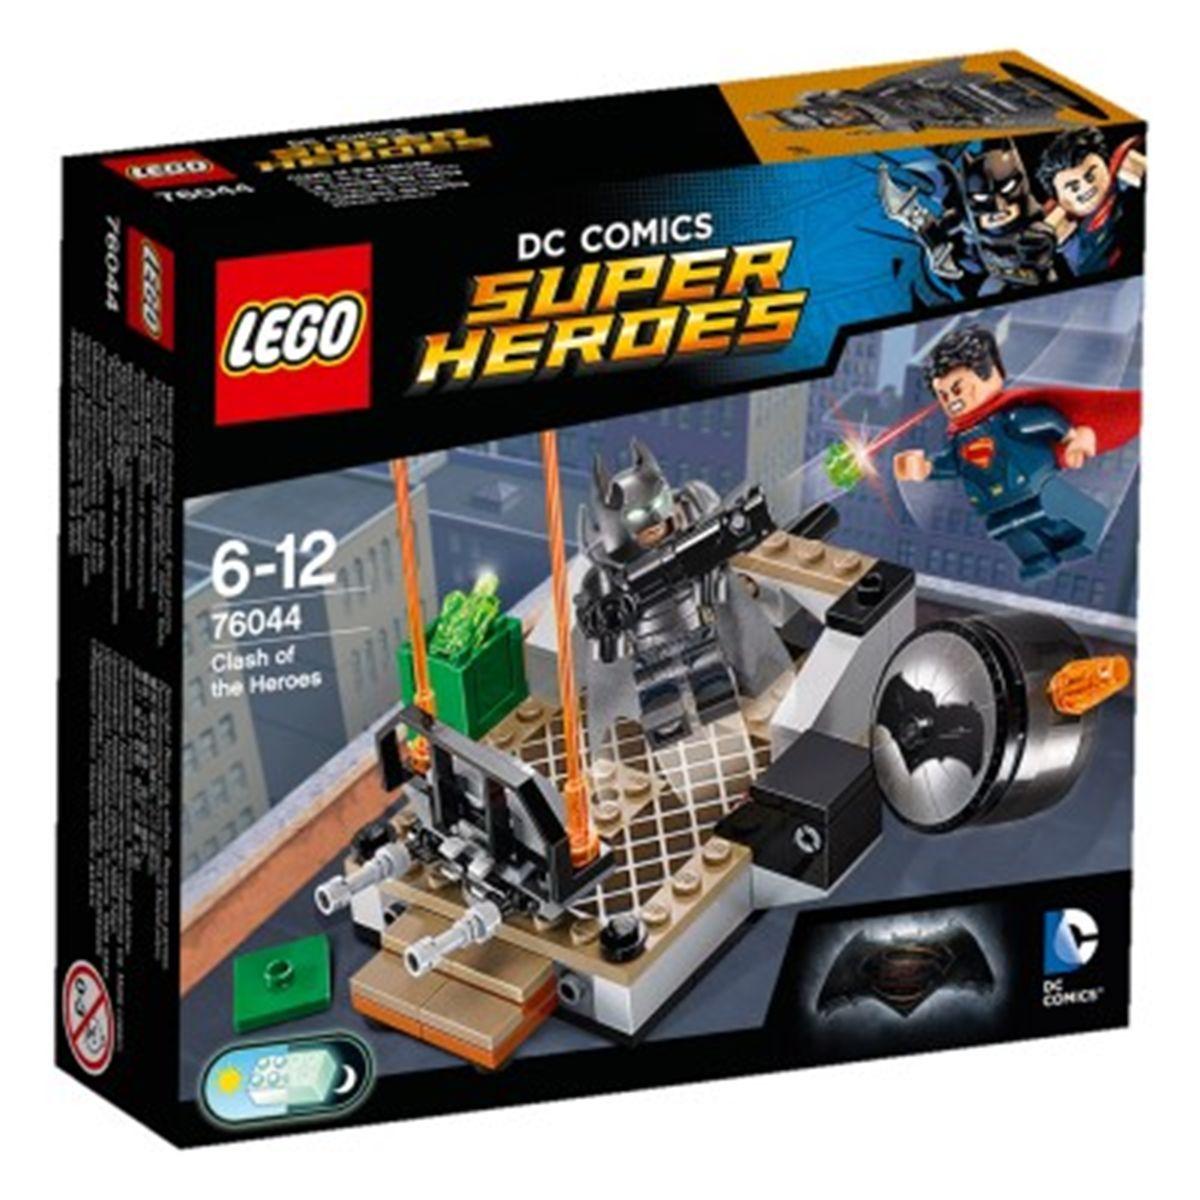 Héros Comics 1 Superman Super Dc Lego Heroes Vs Batman 76044 WID9EH2Y